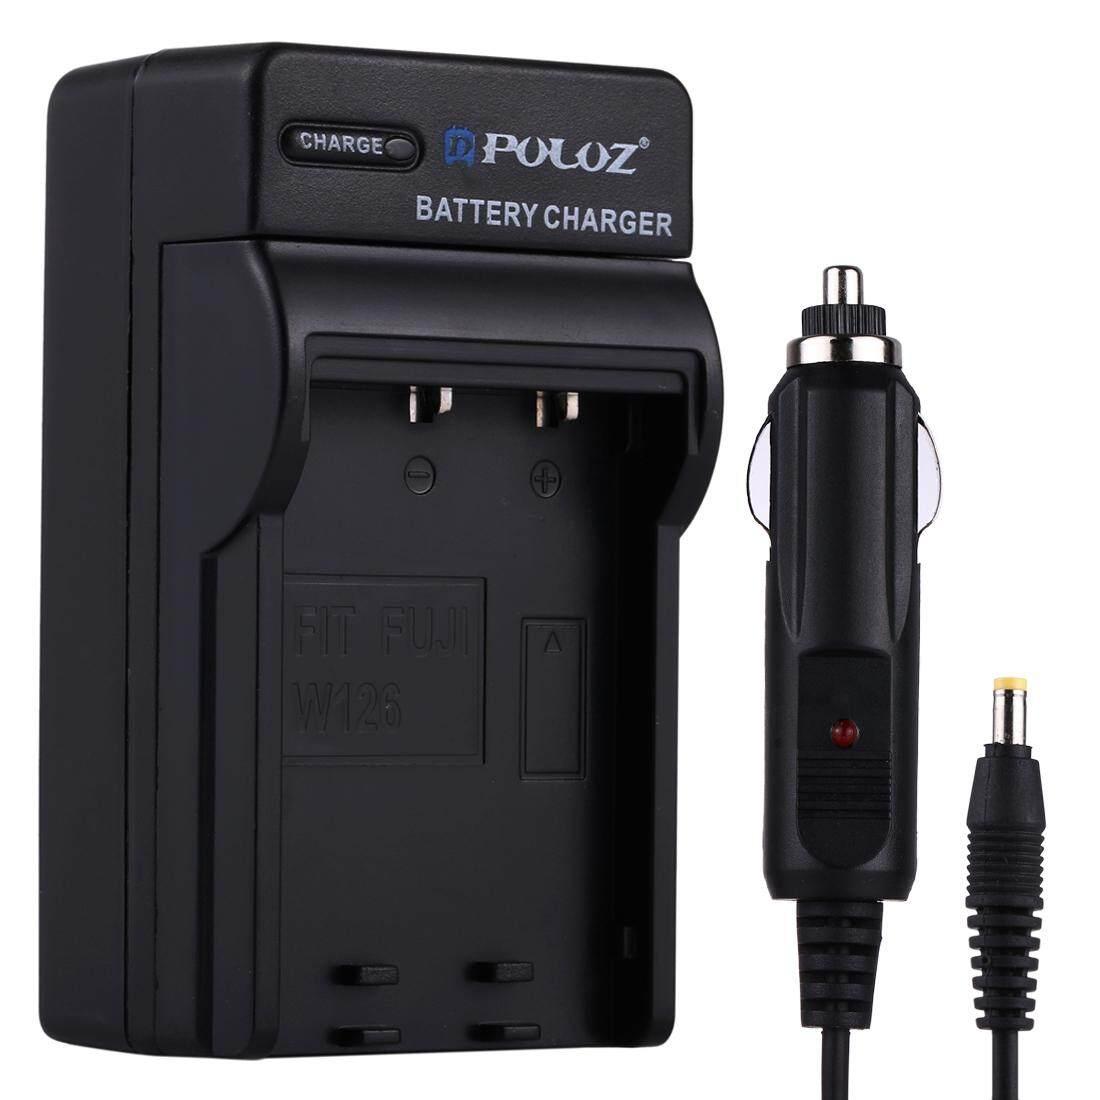 Puluz Kamera Digital Pengisi Daya Baterai Mobil untuk Fujifilm NP-W126-Intl